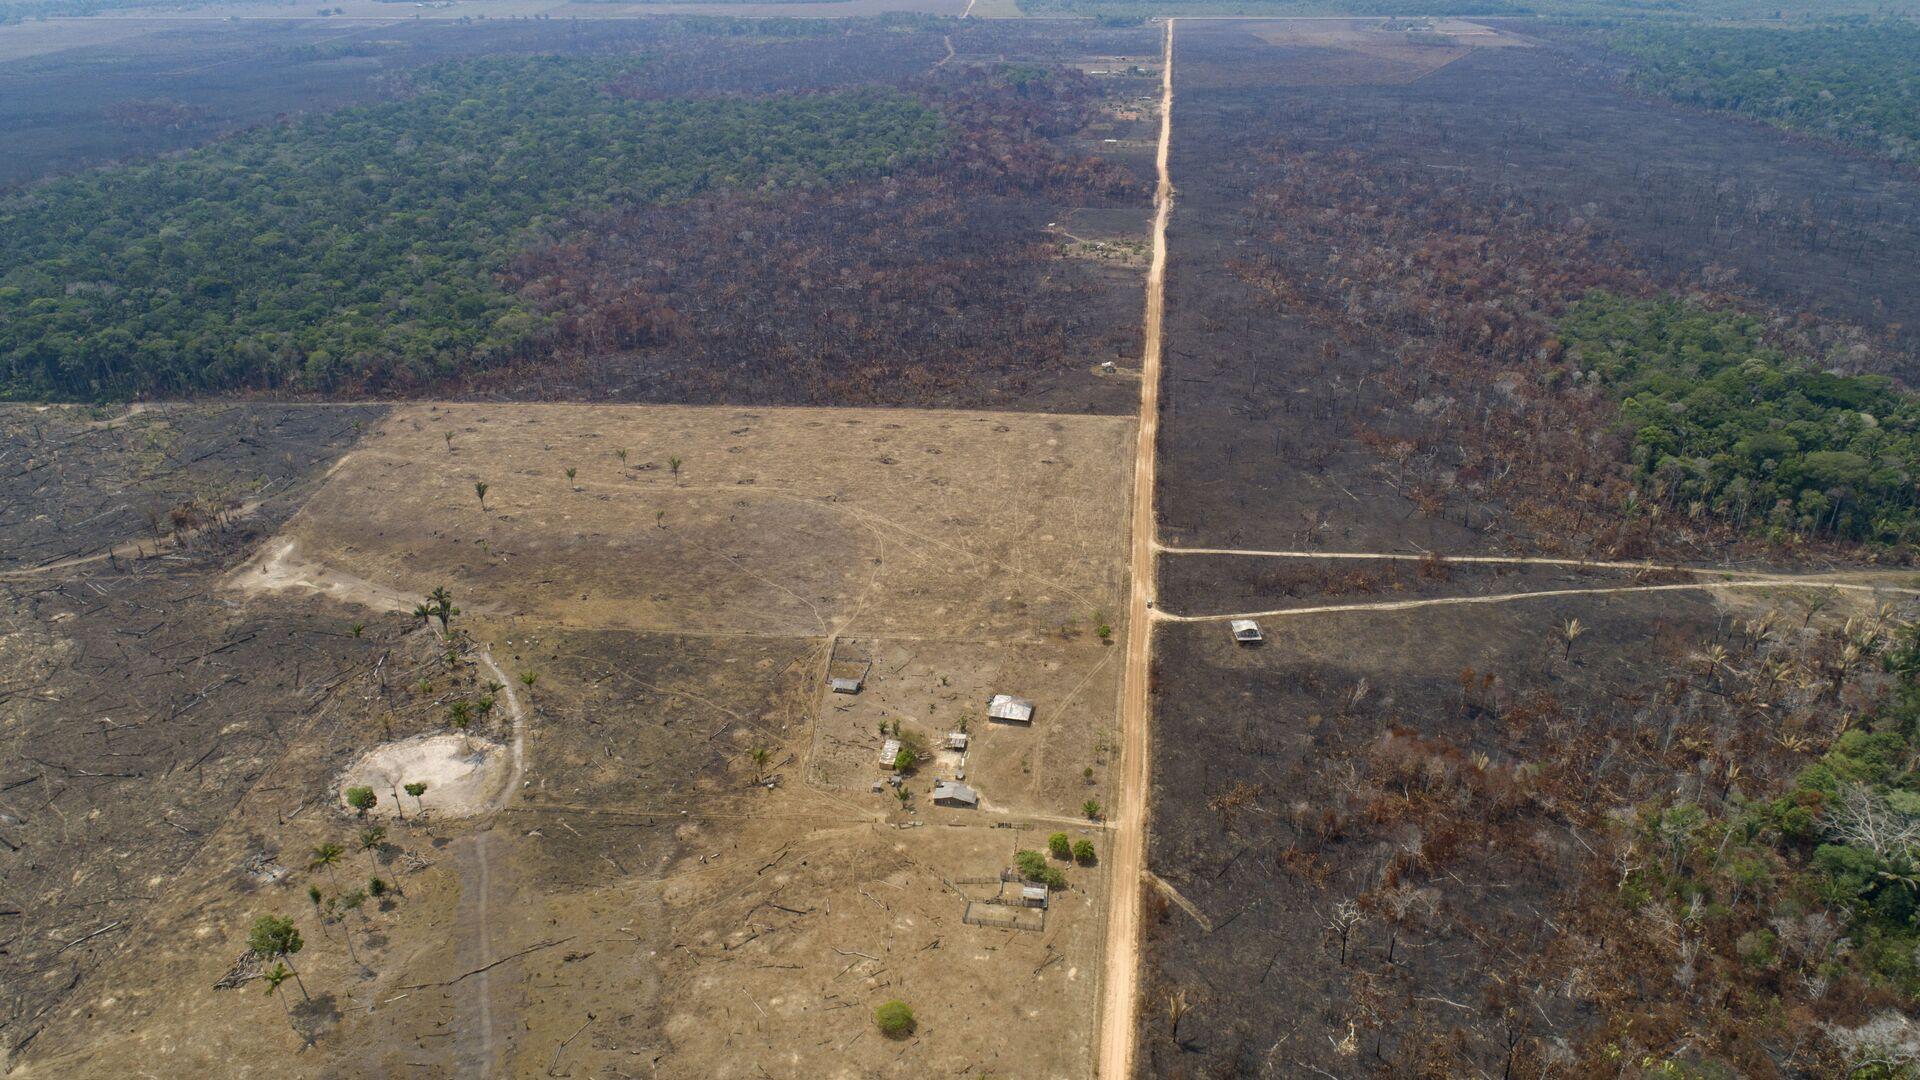 La deforestación en Amazonía - Sputnik Mundo, 1920, 22.04.2021